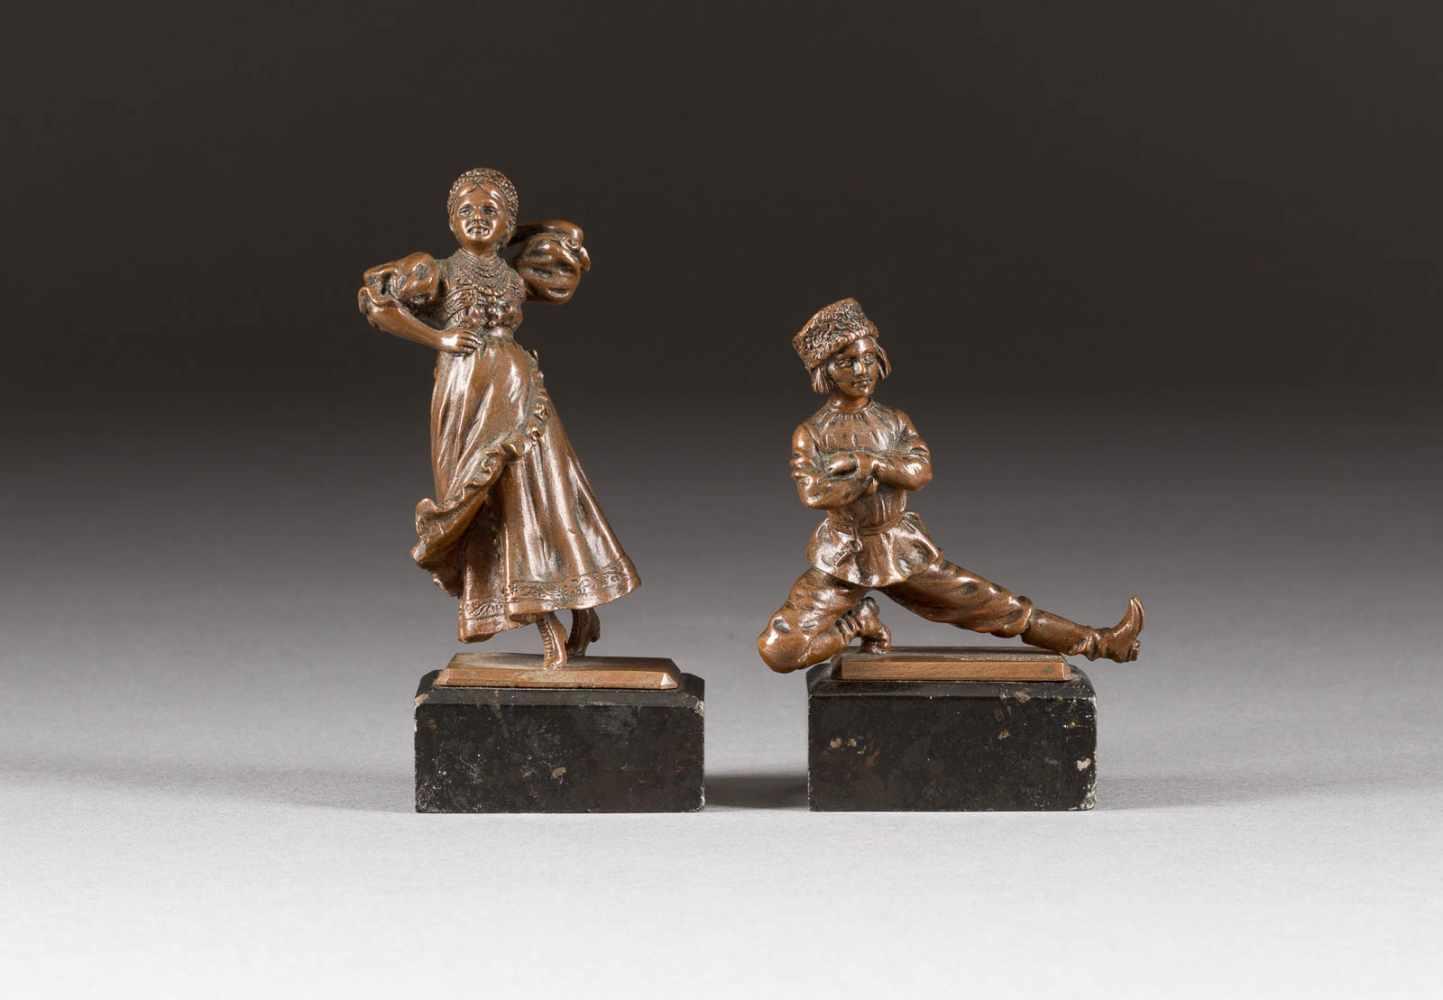 Lot 57 - RUSSISCHES TÄNZERPAAR Deutsch, Ende 19. Jh. Bronze, gegossen und braun patiniert. H. 8,4/11 cm (